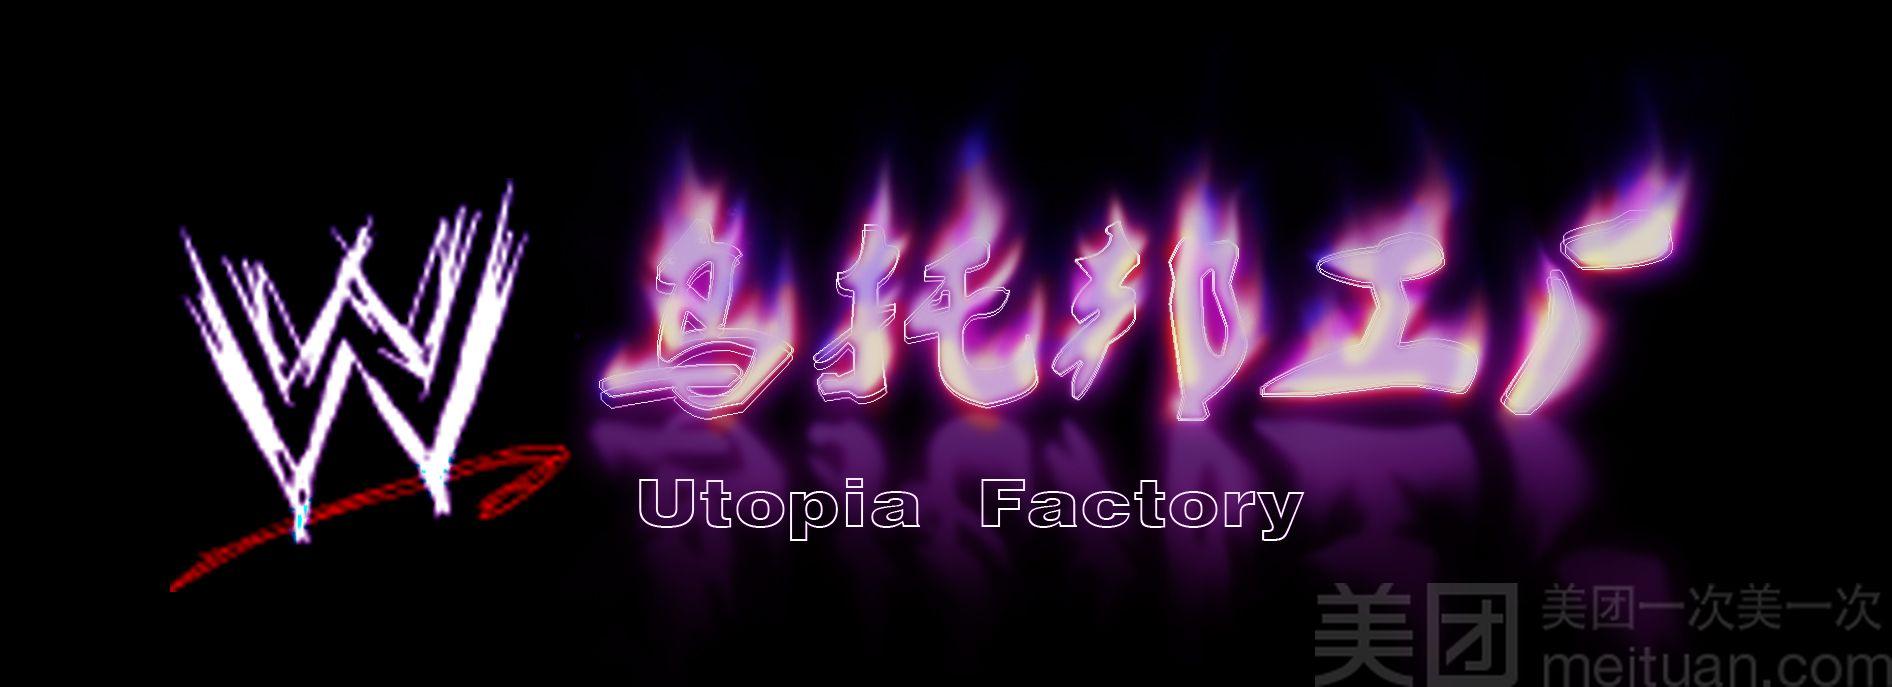 乌托邦工厂-美团